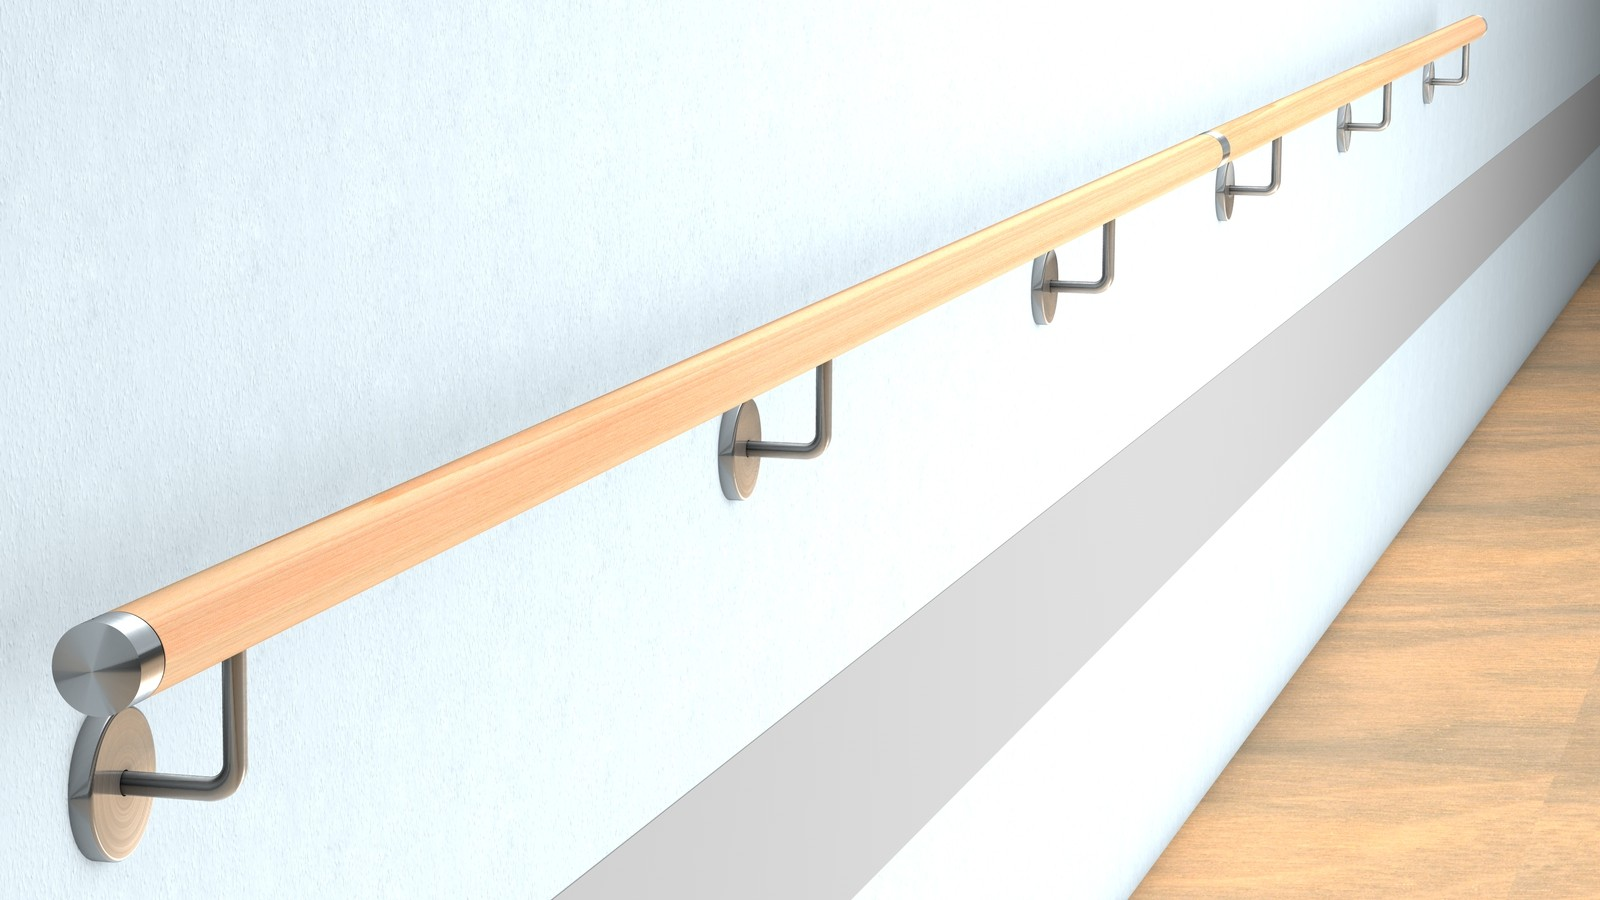 buche wand handlauf befestigung mit verdeckter verschraubung f r 47 00 bestellen huero. Black Bedroom Furniture Sets. Home Design Ideas